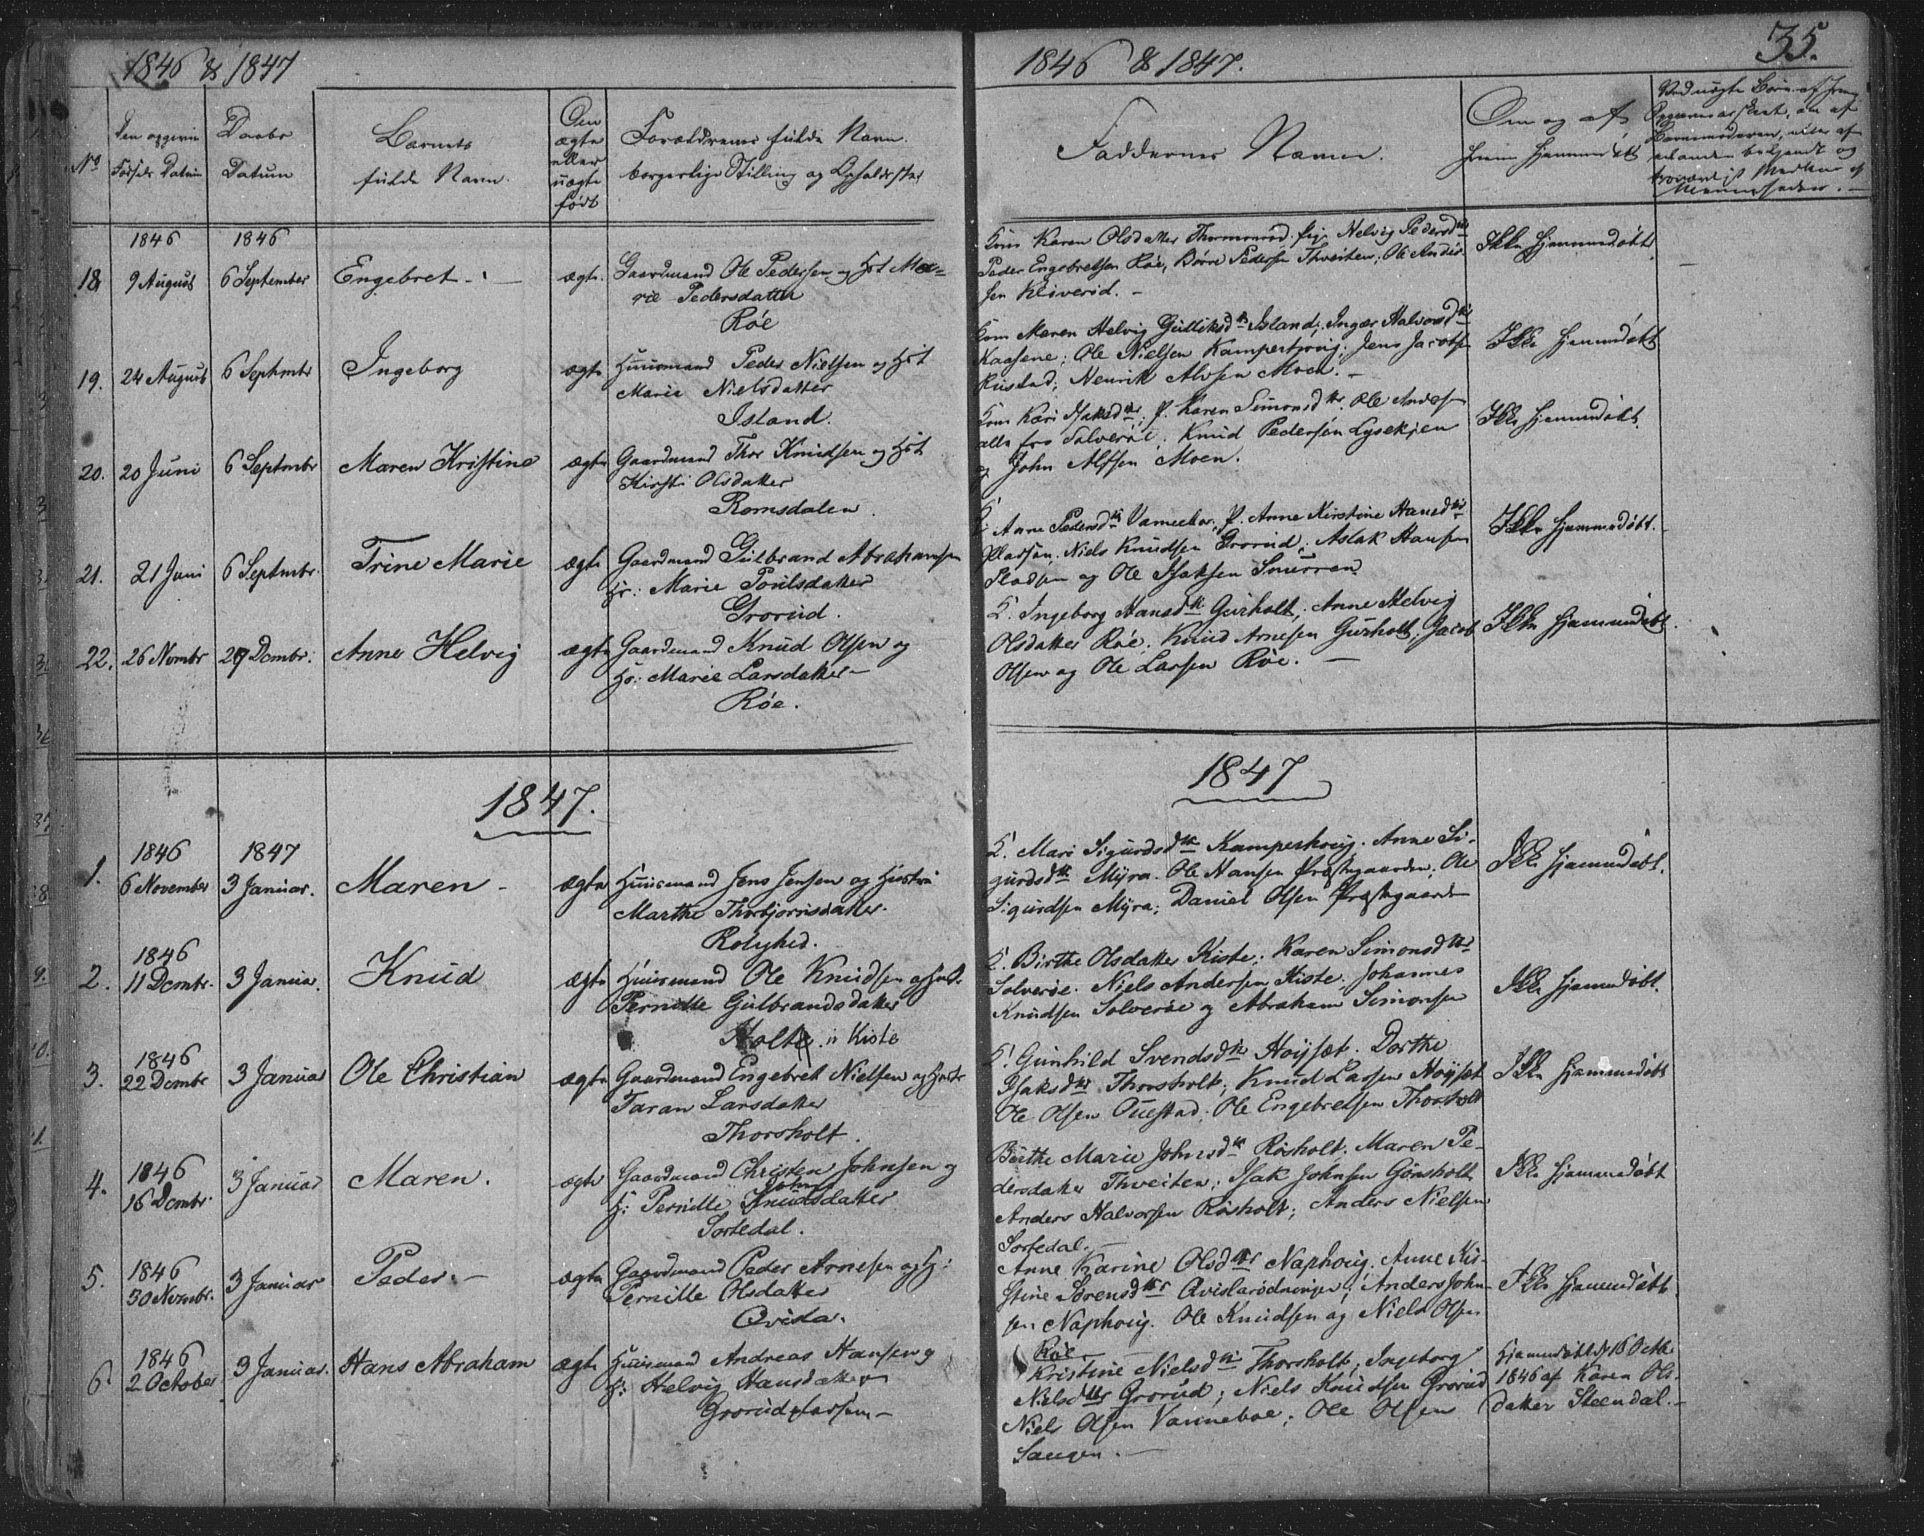 SAKO, Siljan kirkebøker, F/Fa/L0001: Ministerialbok nr. 1, 1831-1870, s. 35